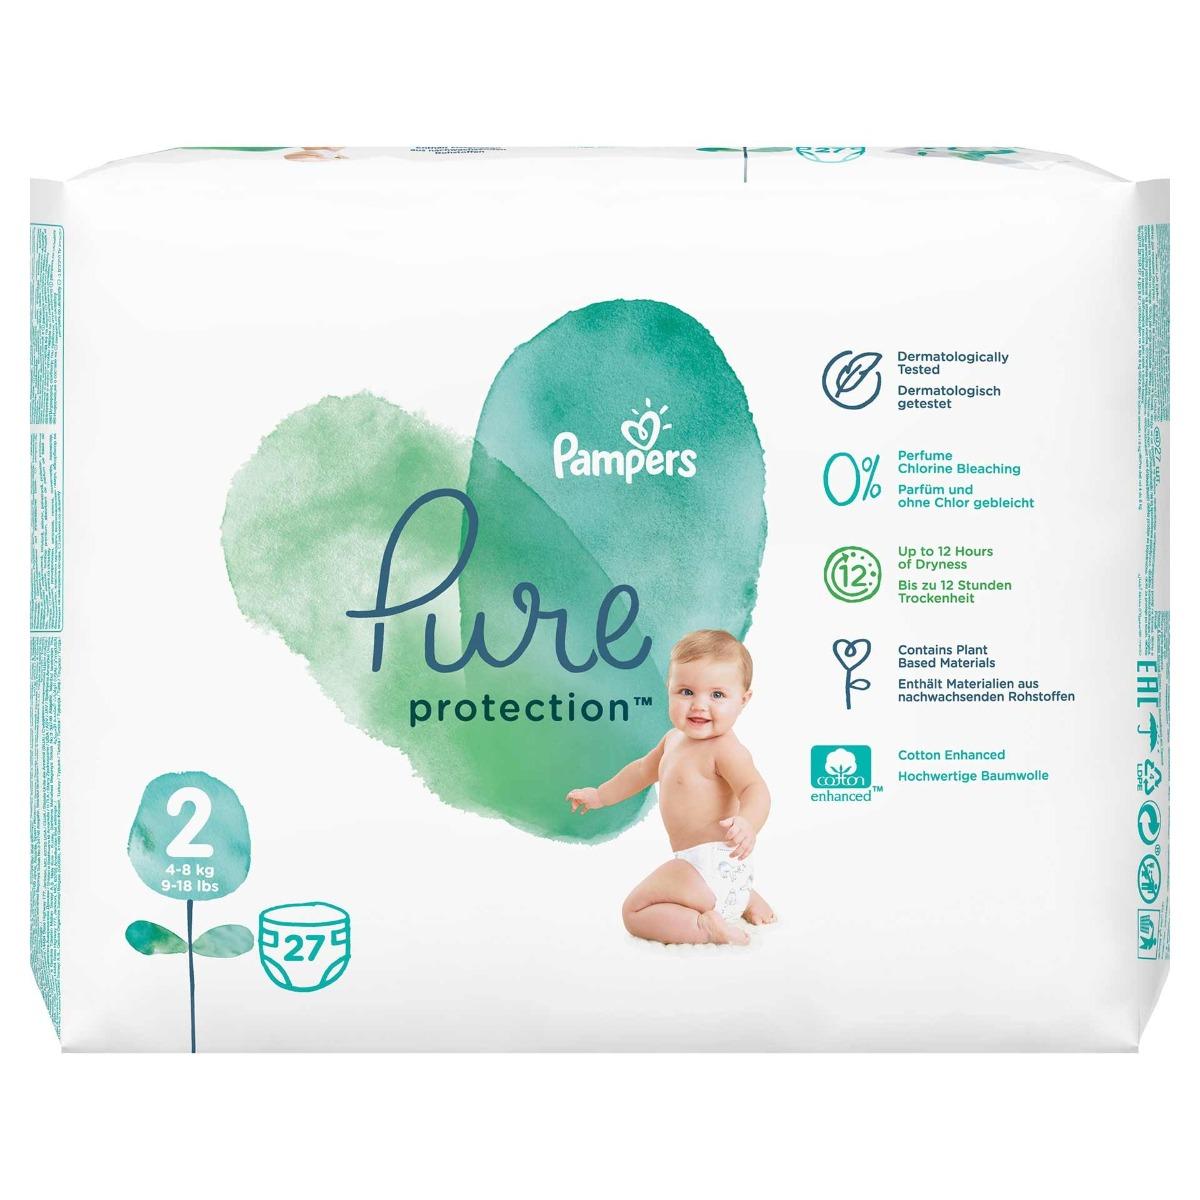 Scutece Pure Protection marimea 2 pentru 4-8kg, 27 bucati, Pampers